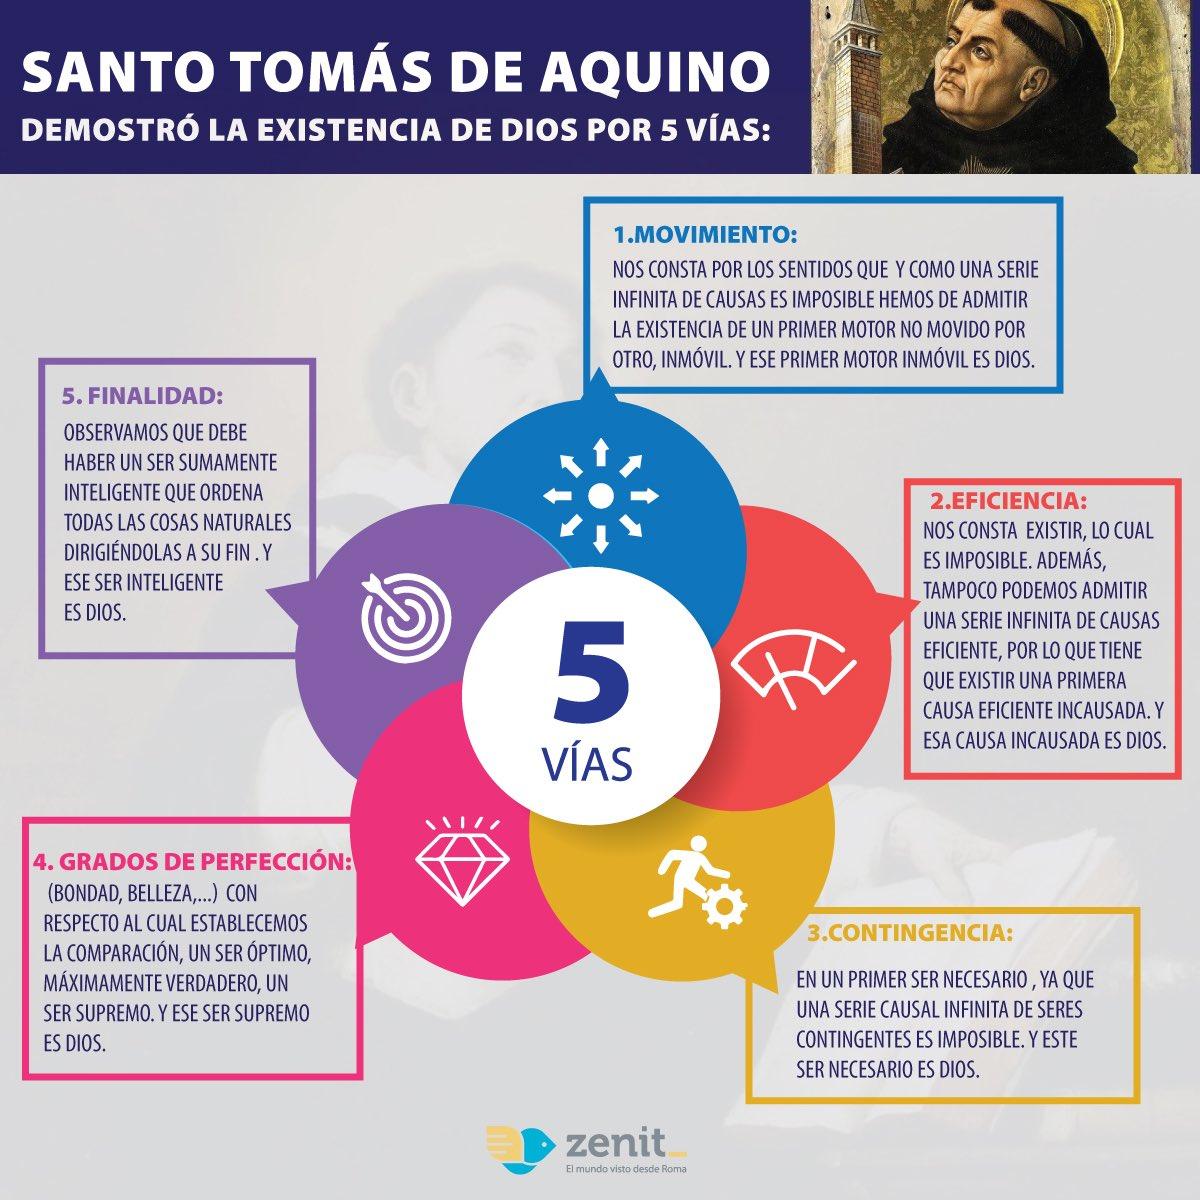 Zenit Español On Twitter Santo Tomás De Aquino Logró Demostrar La Existencia De Dios Por Medio De 5 Vías Las Conoces